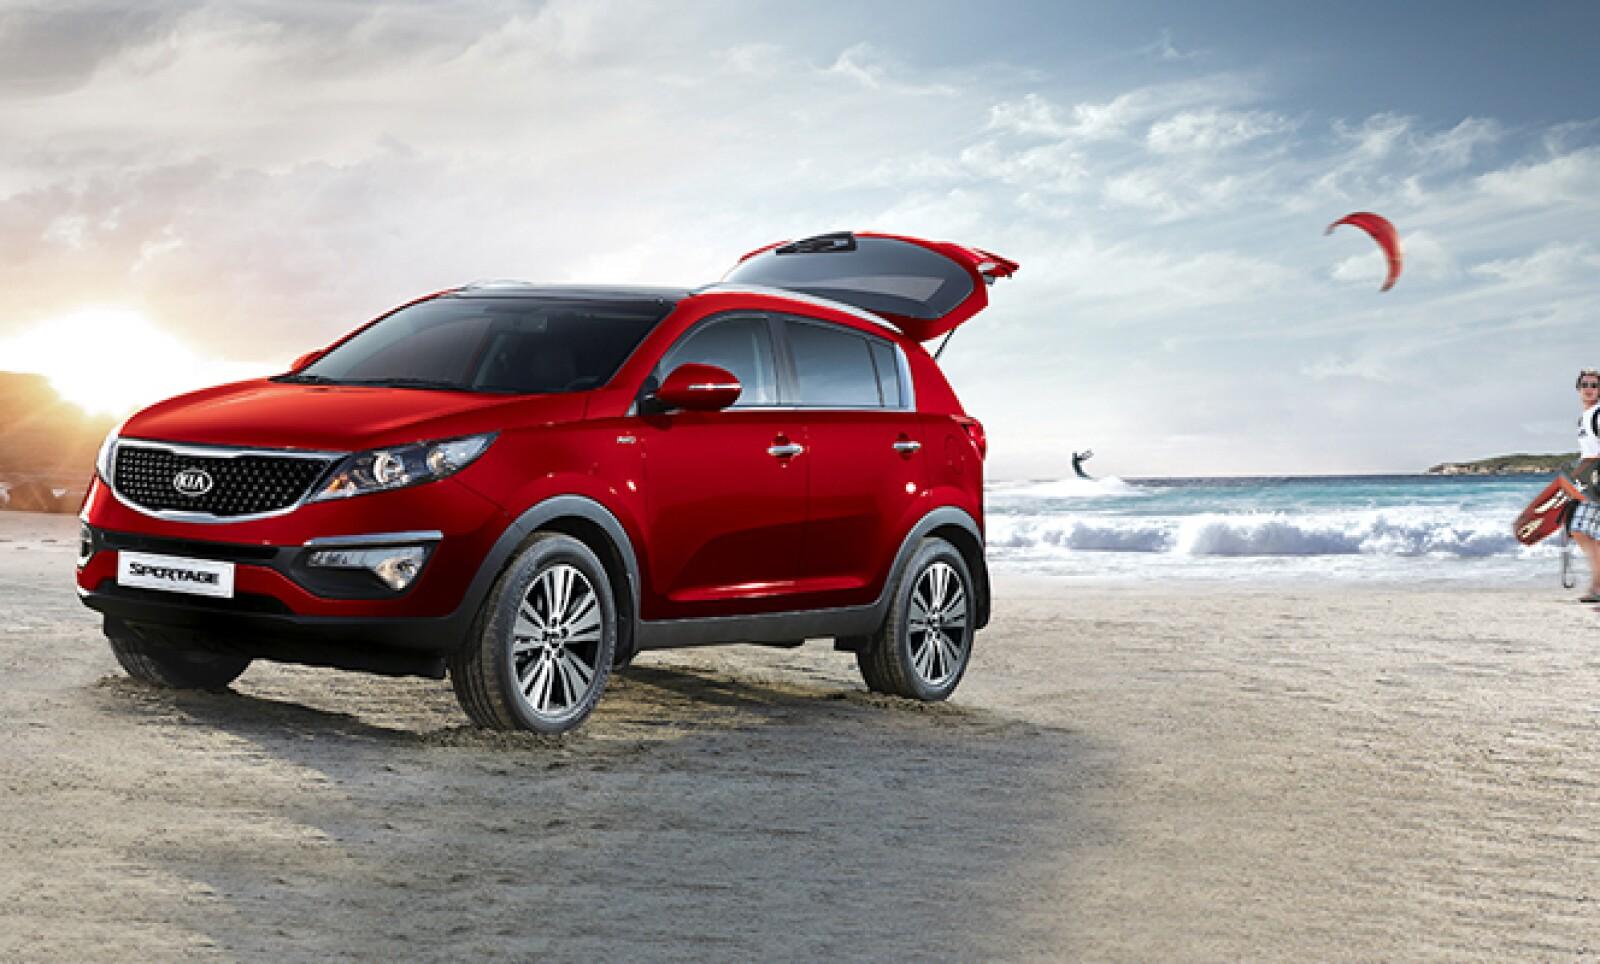 Sportage es un modelo deportivo con un diseño atrevido y dinámico, indica KIa en su sitio de Internet.